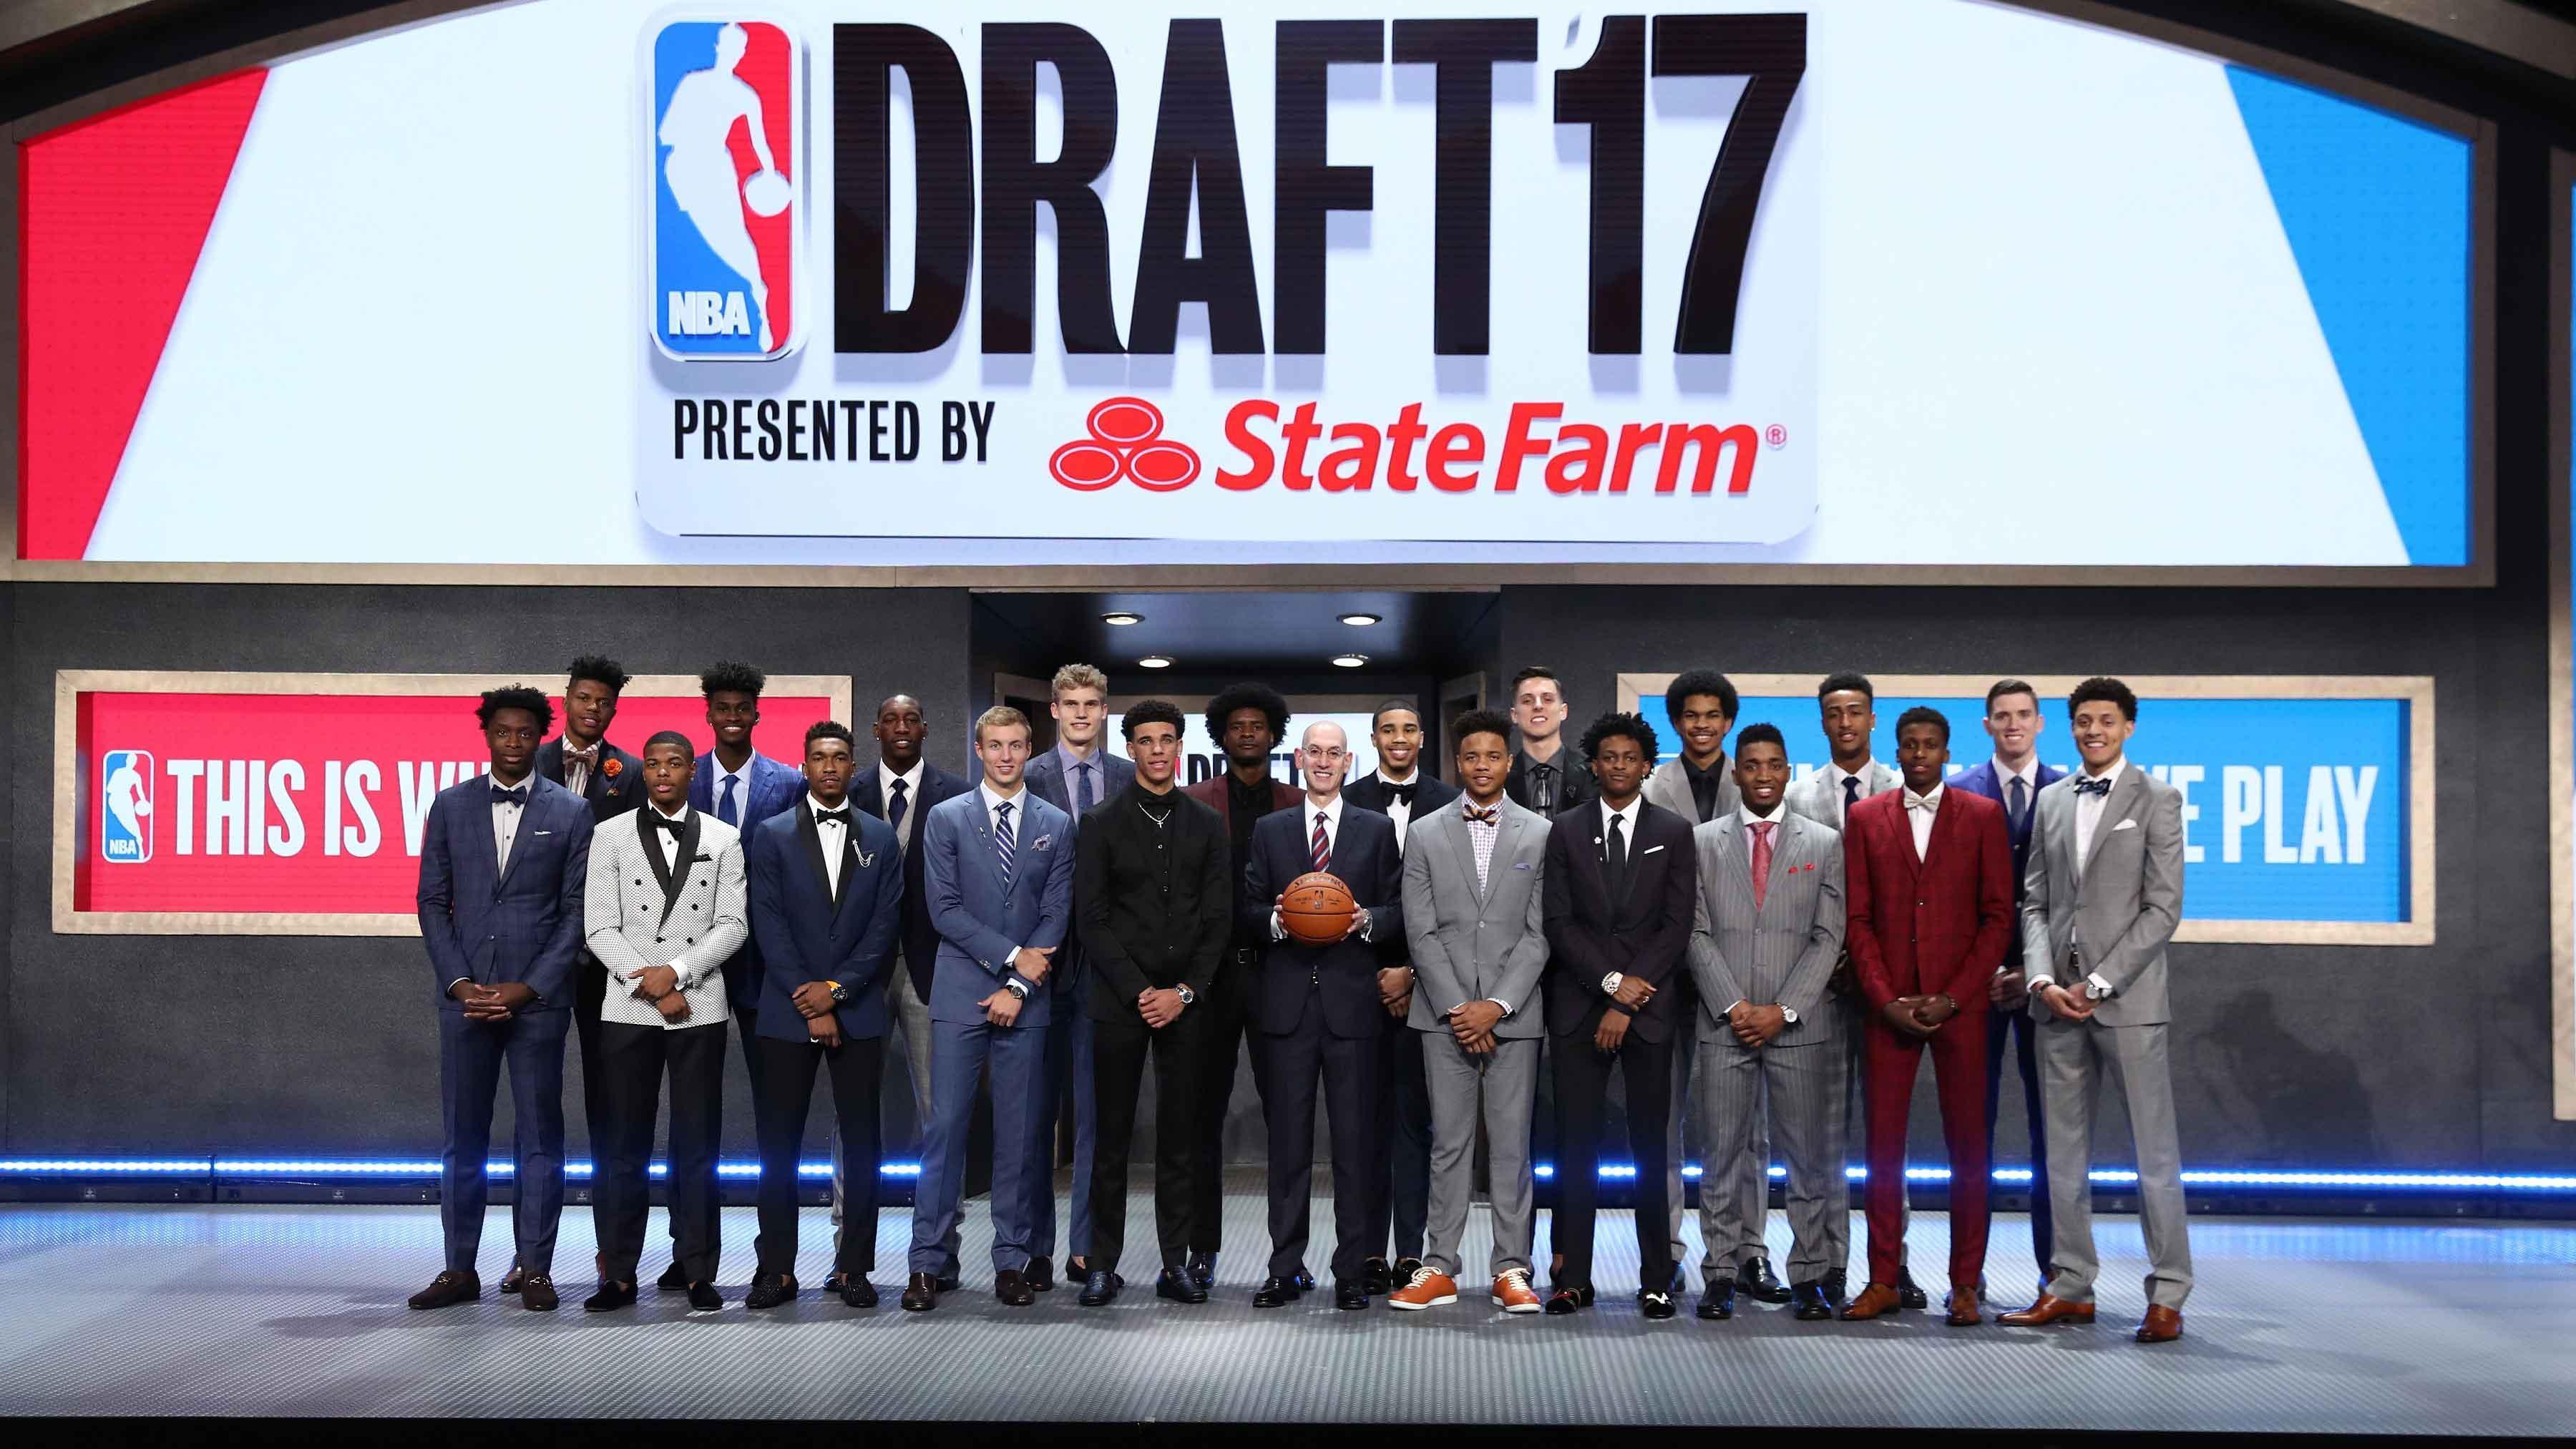 Fultz ai Sixers con la prima assoluta, uno sguardo sull' NBA Draft 2017